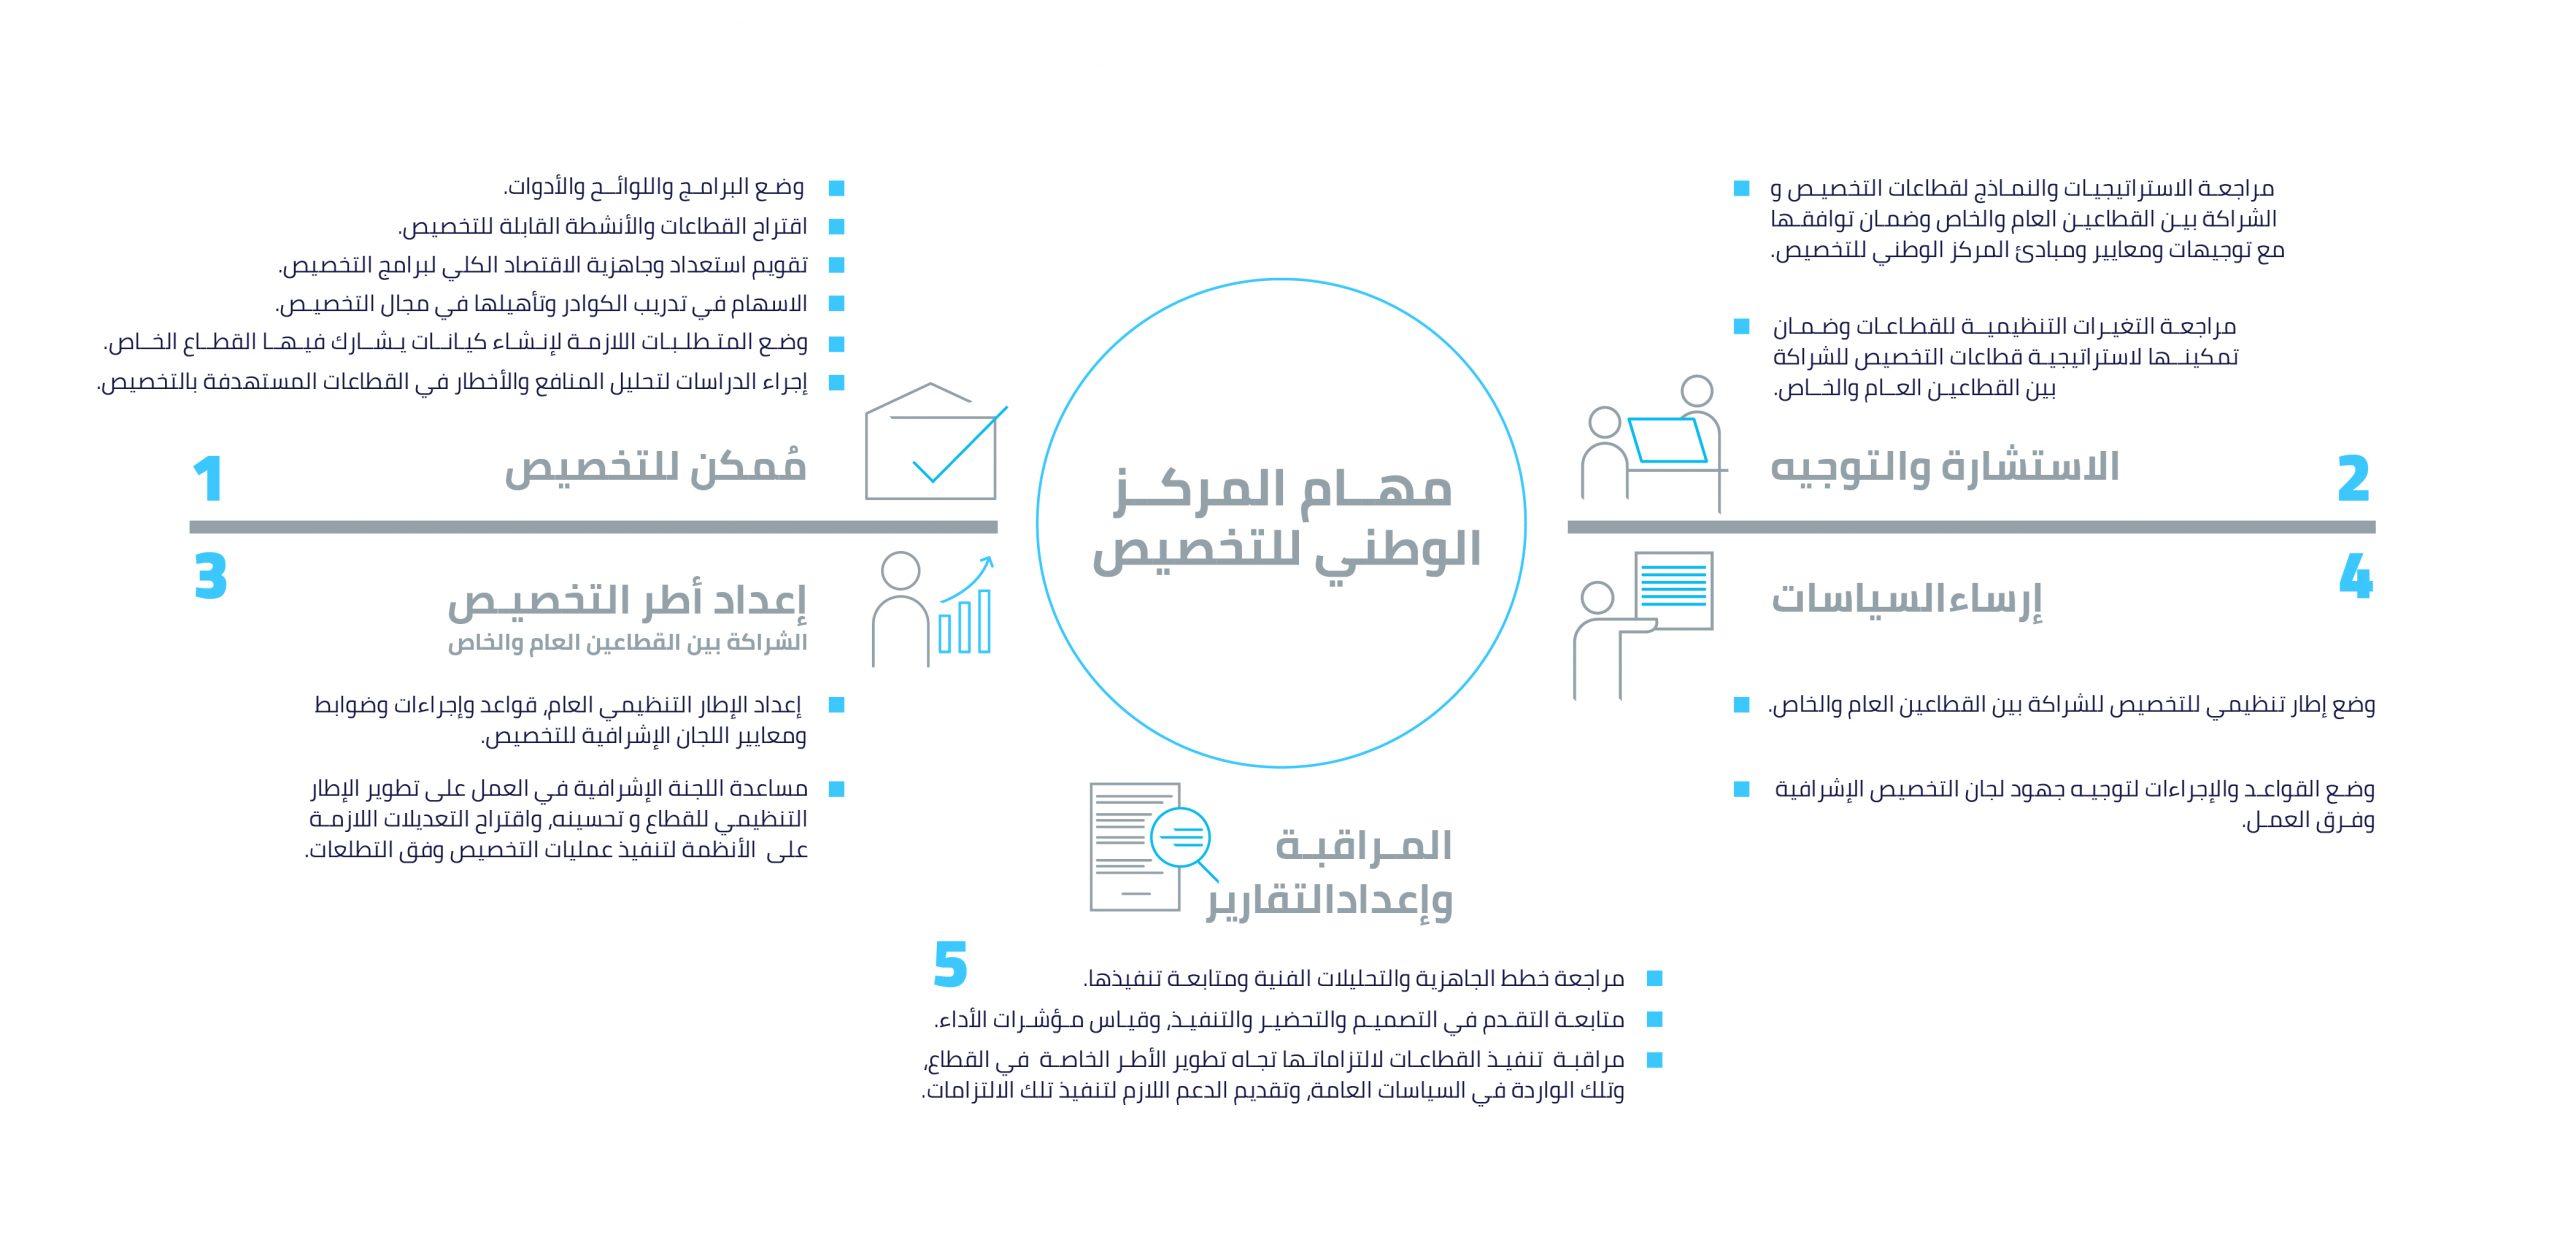 قائمة الجهات التي سيتم تخصيصها بالسعودية